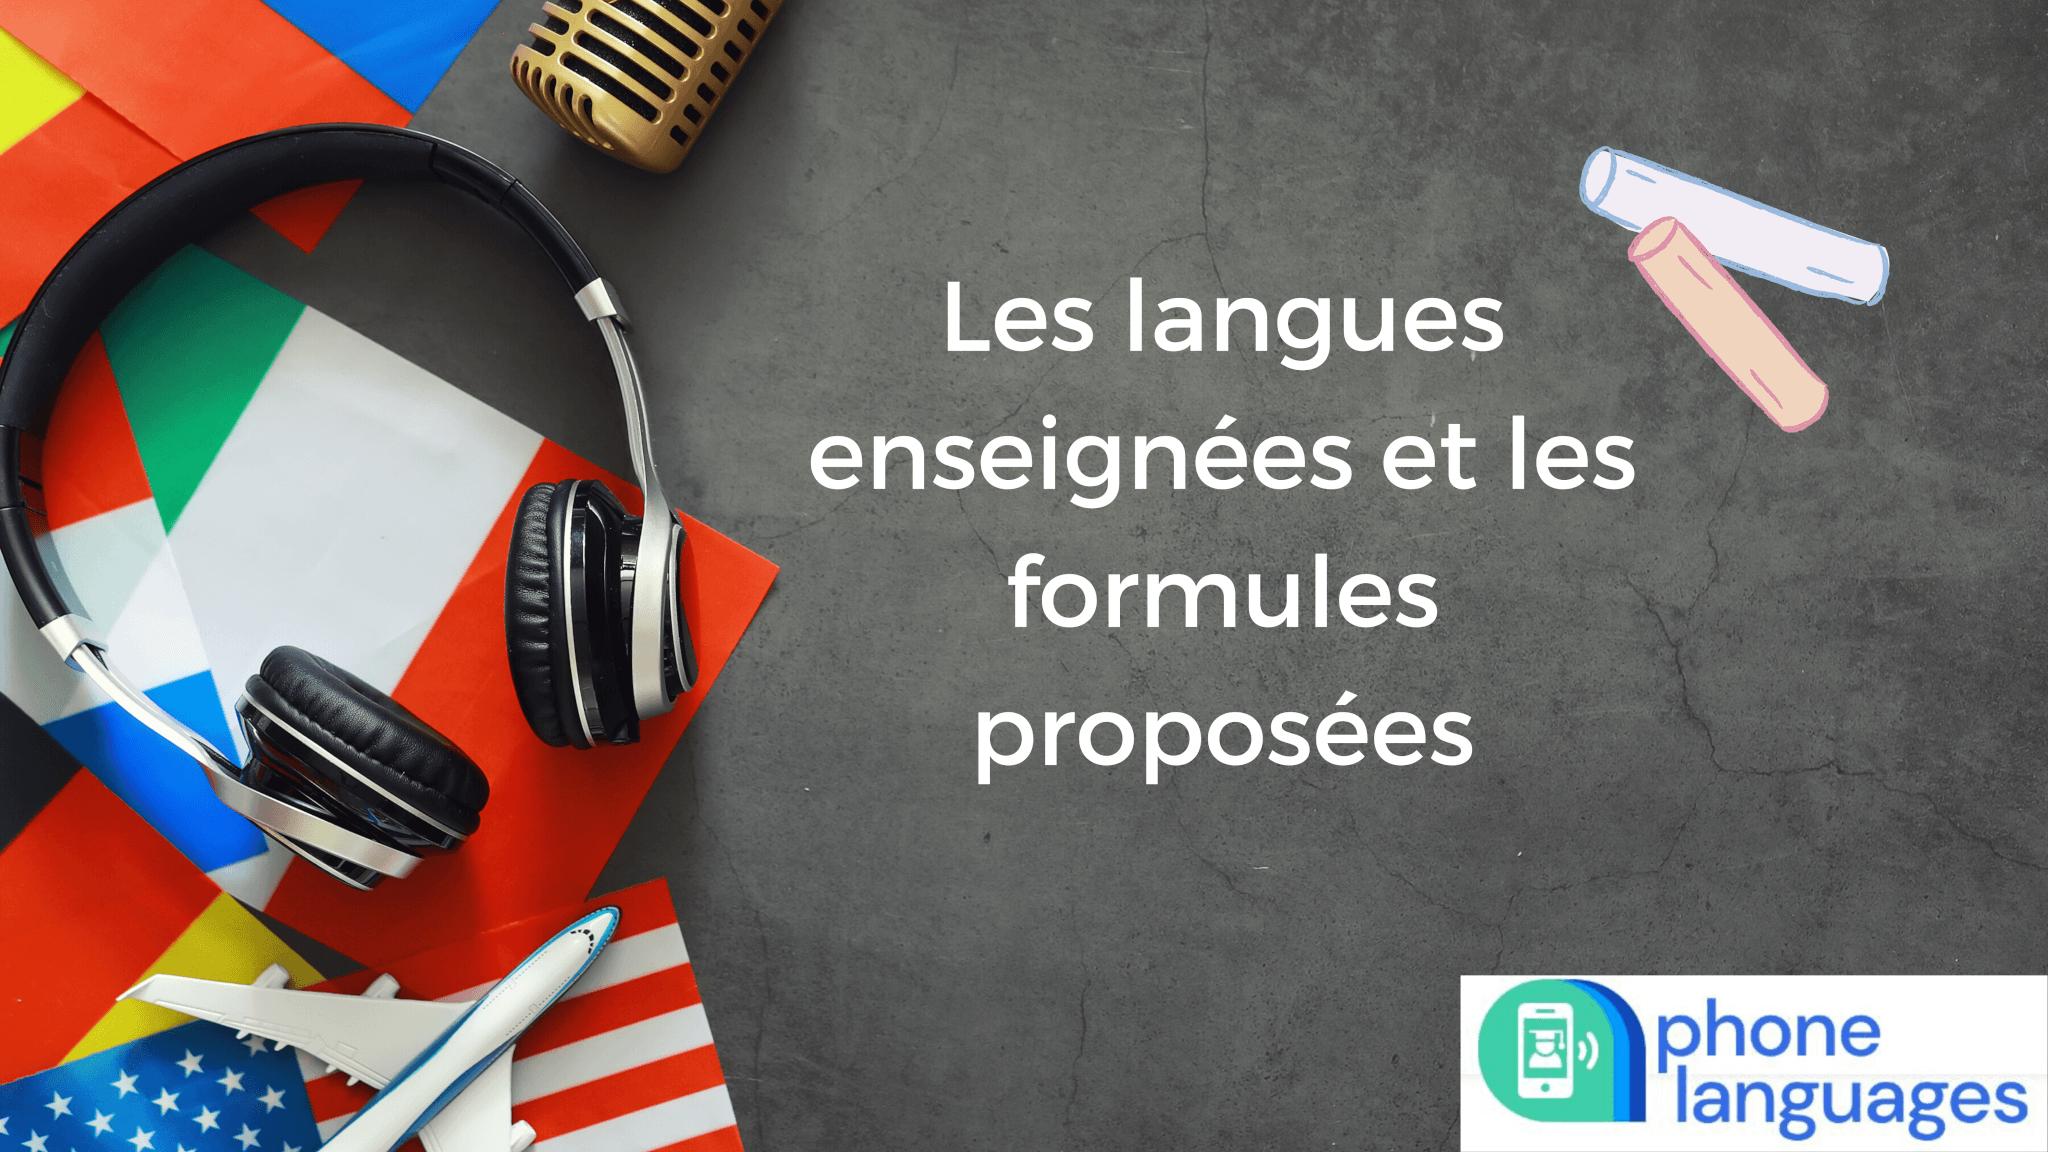 Les langues enseignées et les formules proposées